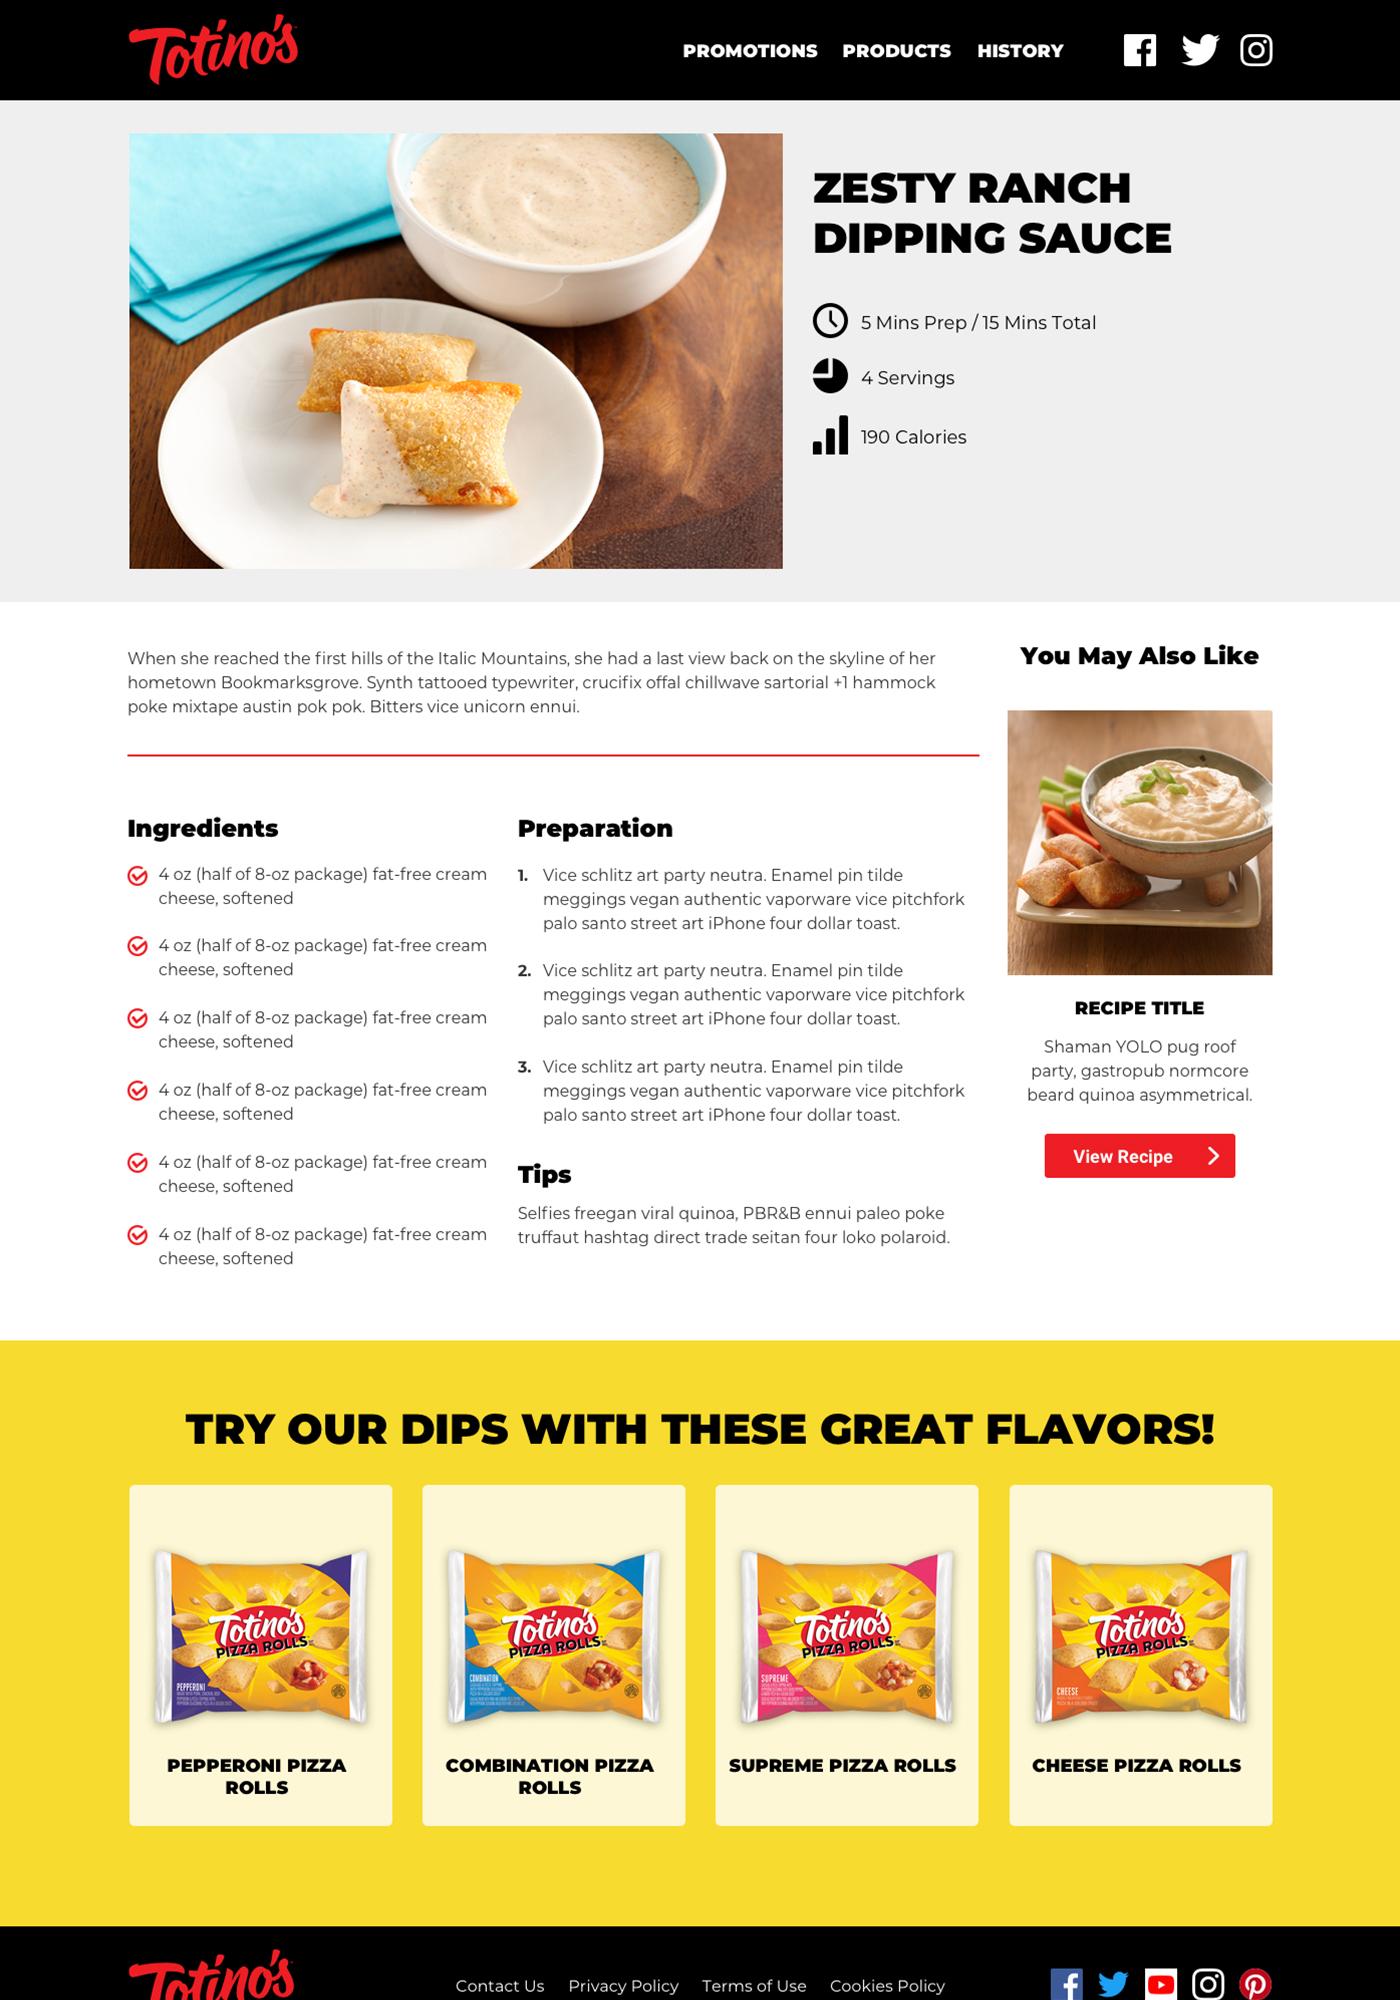 Totinos-WebsiteMockups-RecipeDetail.jpg